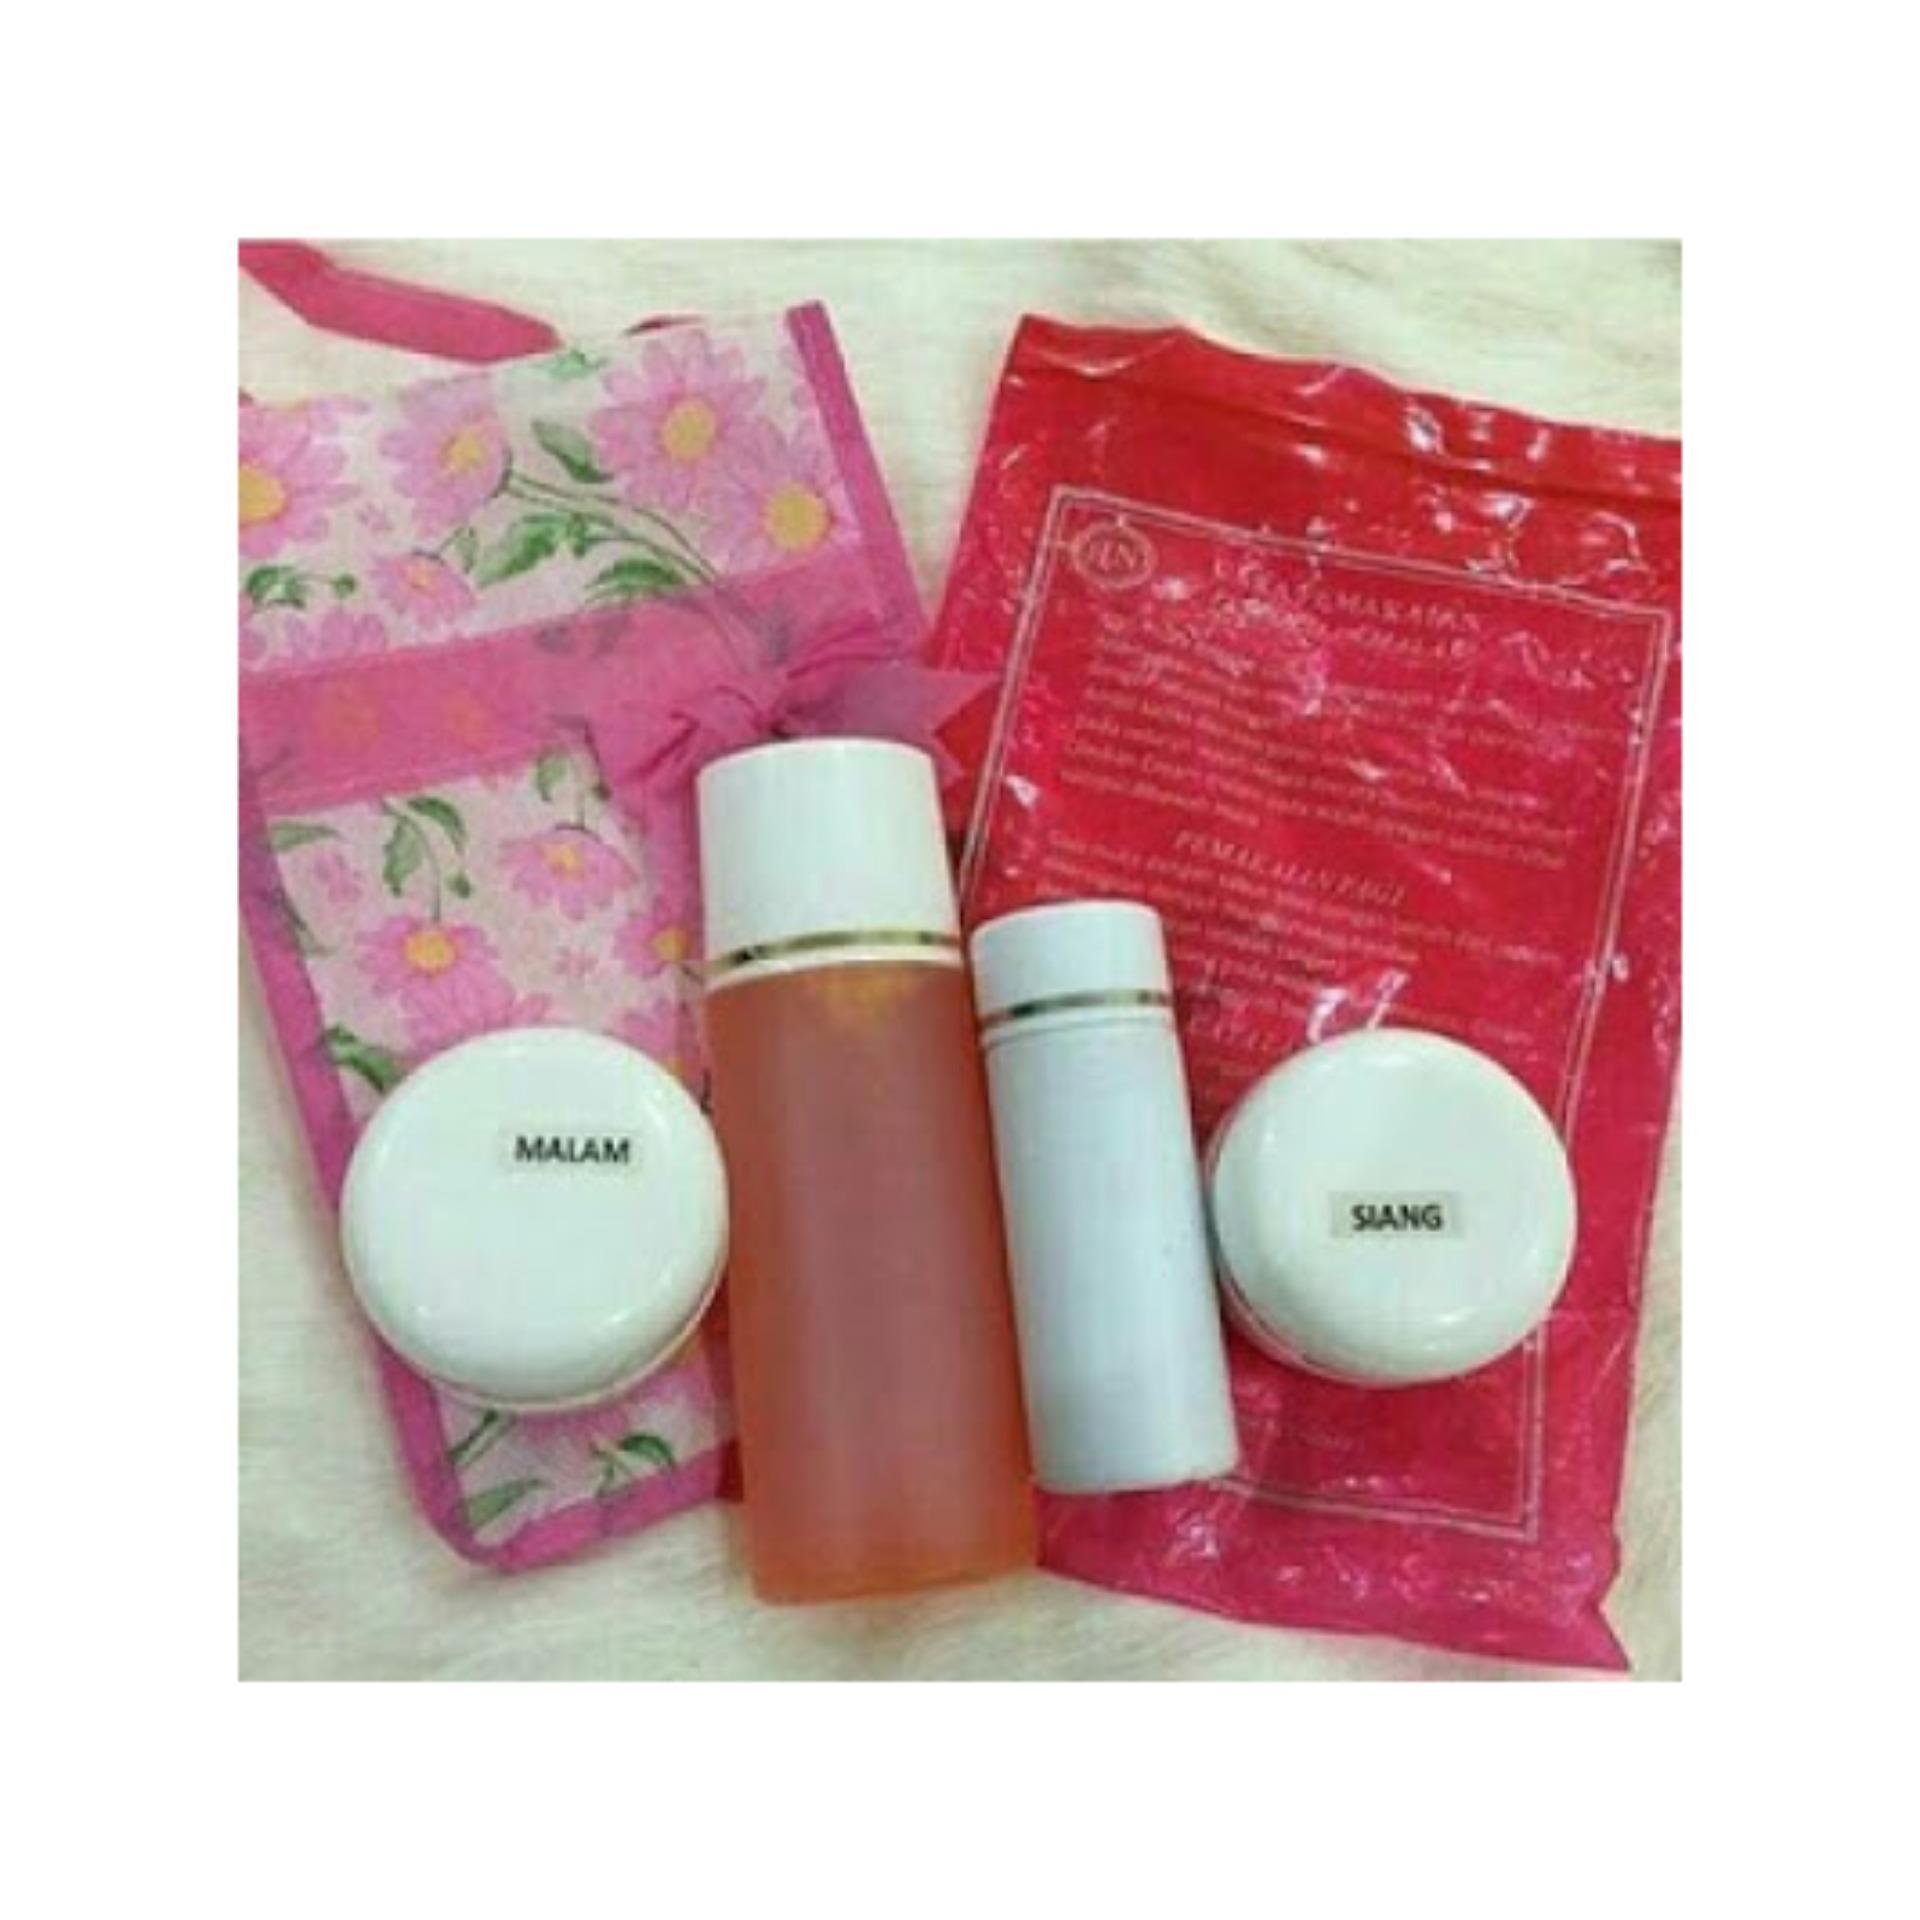 Beli Best Seller Paket Hn 30 Gr Cream Sabun Toner Yang Bagus